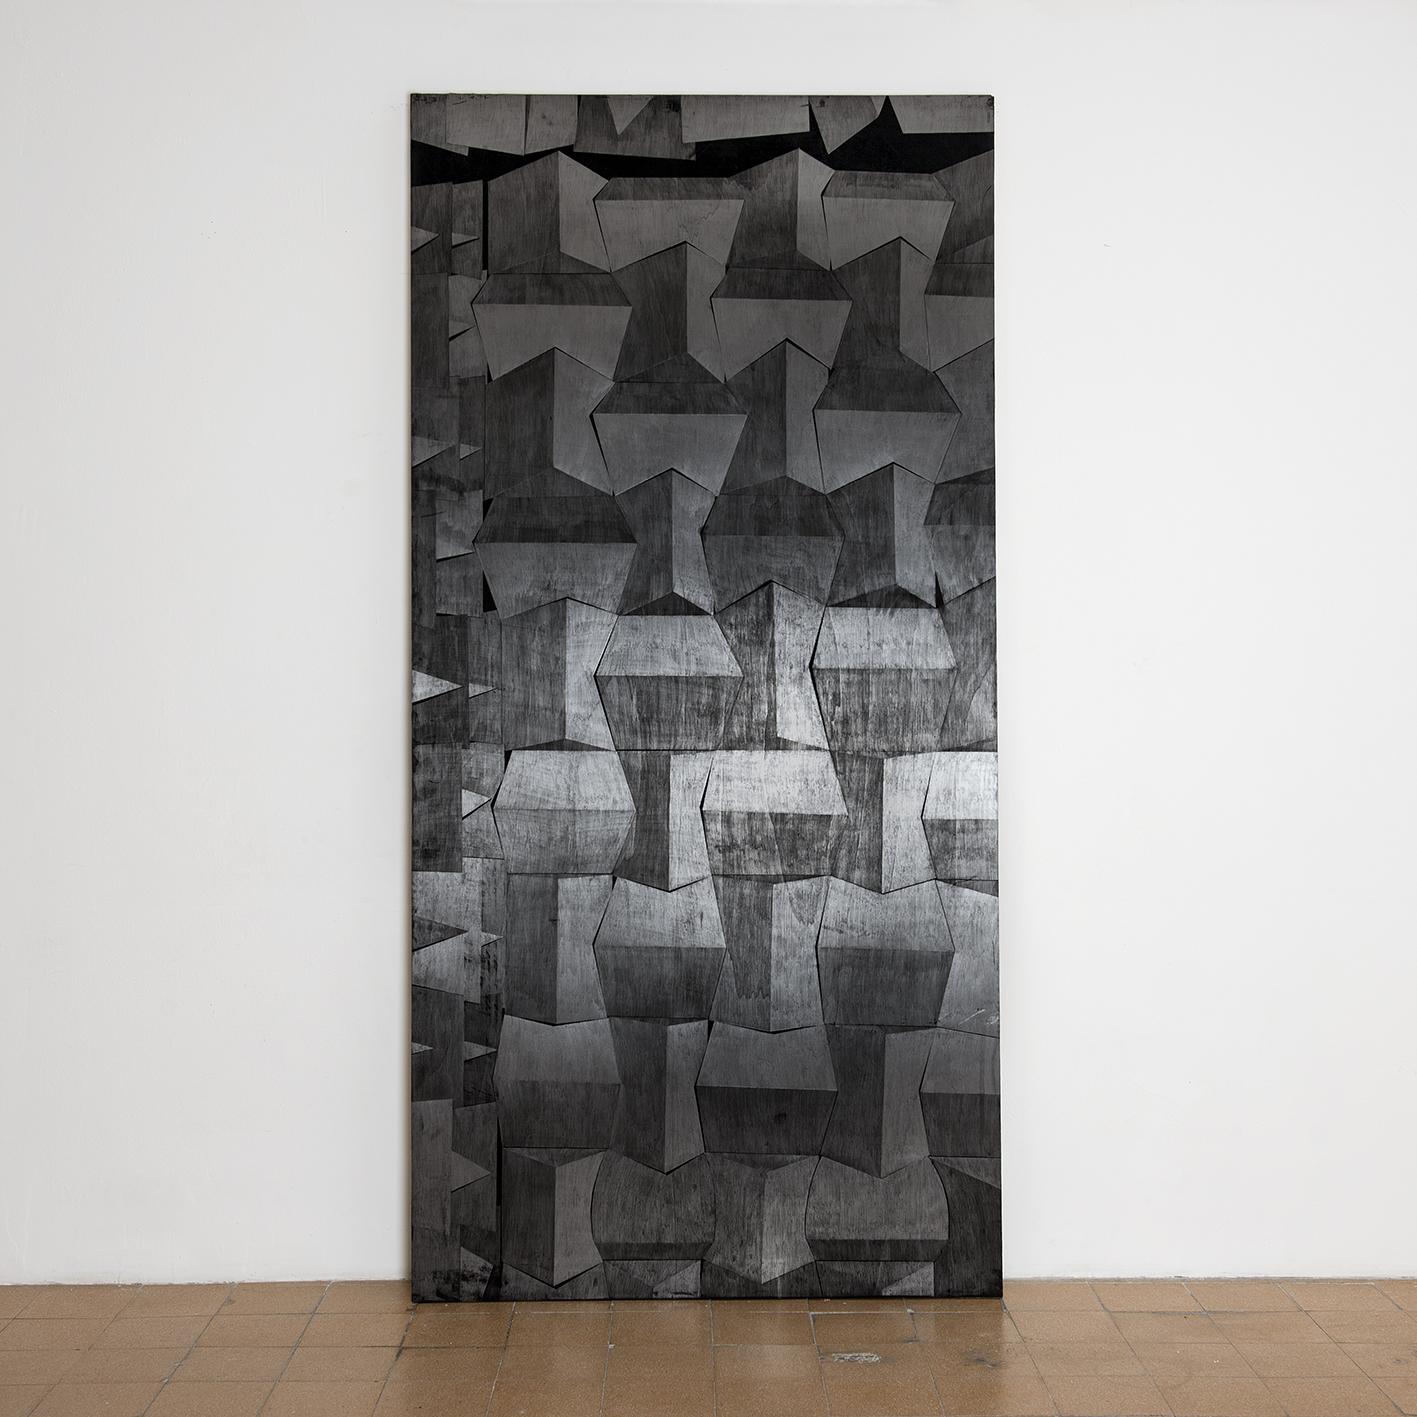 מתוך הסדרה 'קירות אקוסטים', פחם וגרפיט על עץ, 250X122 סמ 2014 (3).jpg